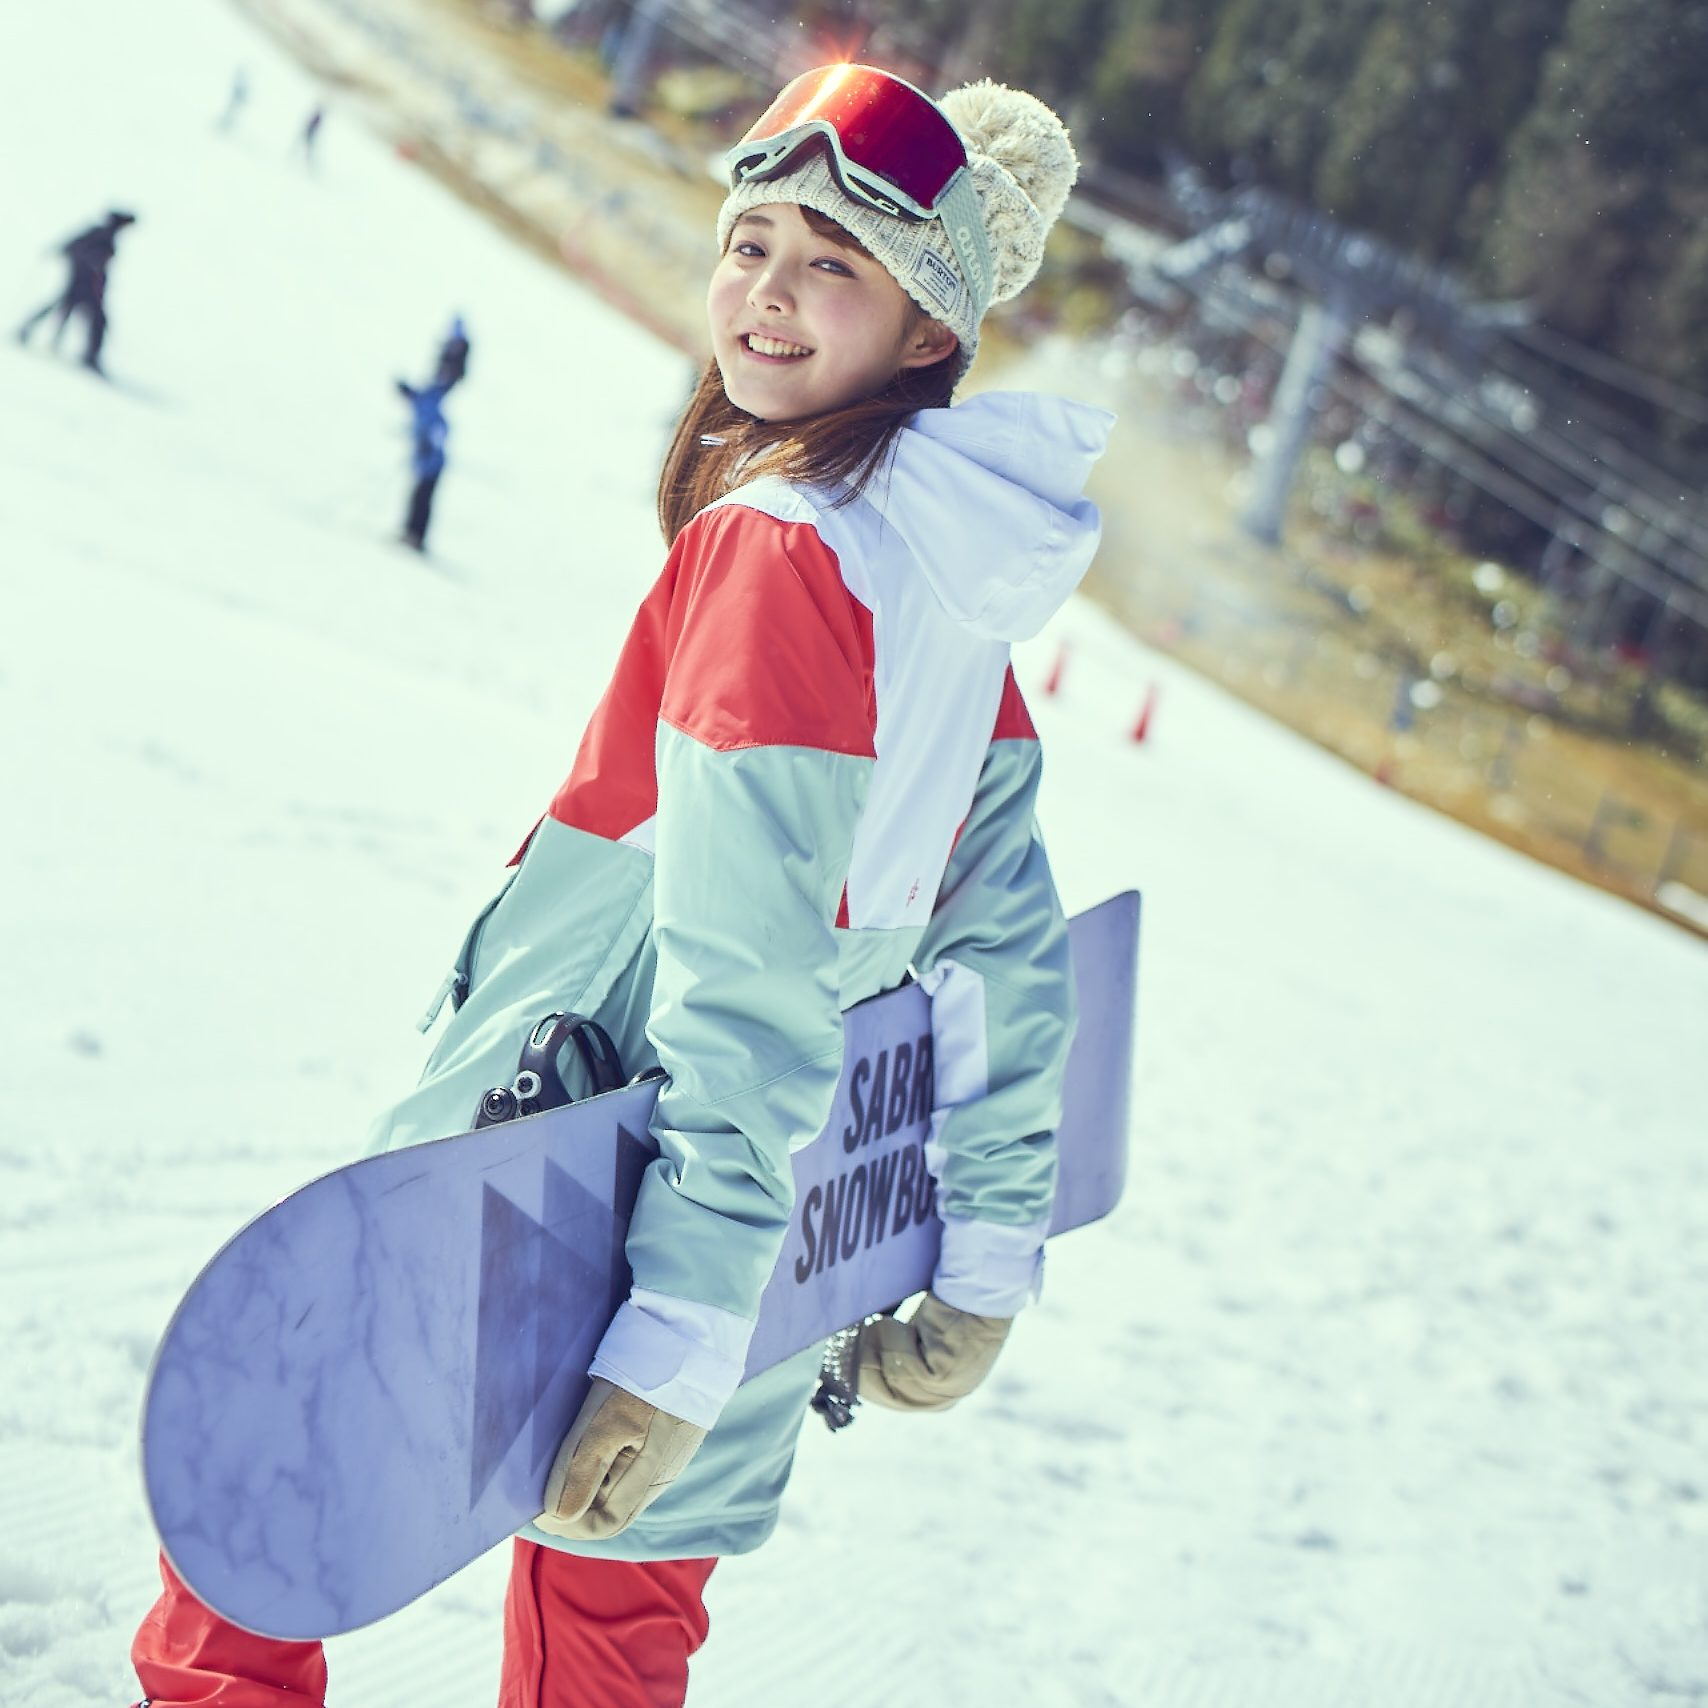 ボードレンタルはすべてBURTON!レンタルスキーにはHartのロッカースキーとSTRICTLYのツインチップスキーを導入(一部)!